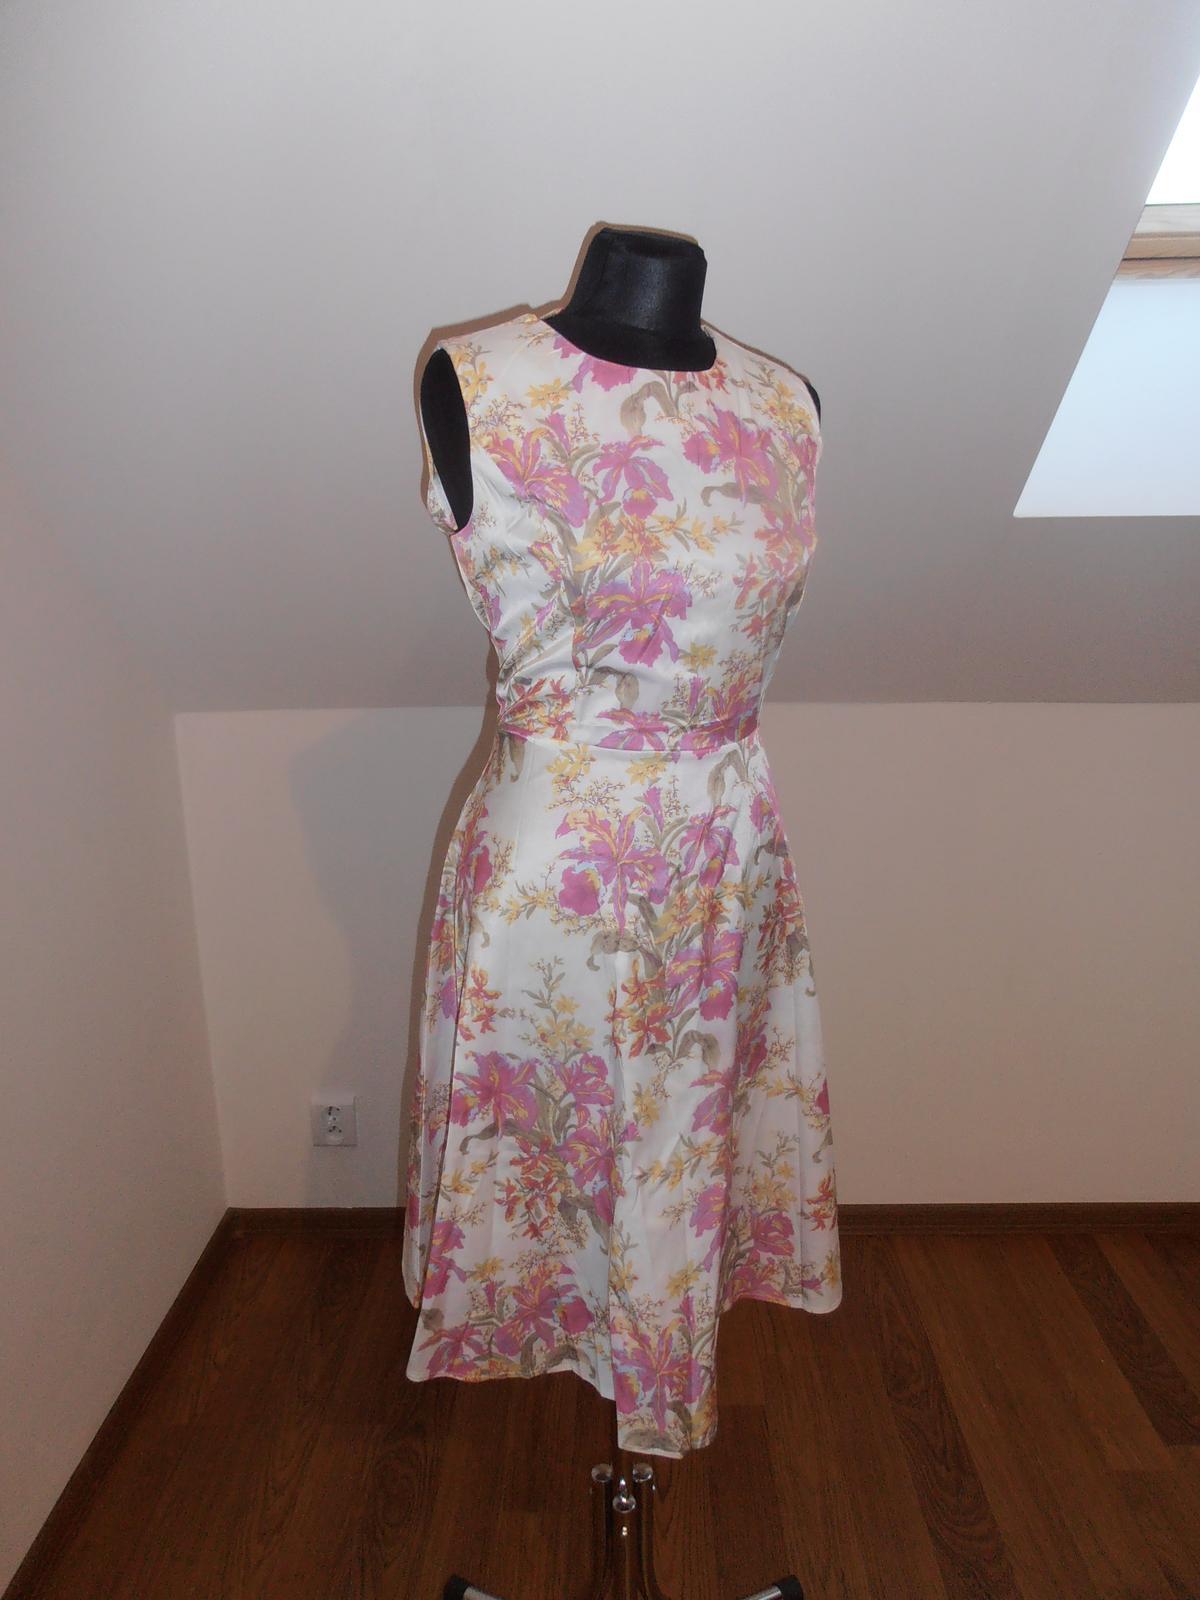 Kvetinové šaty - Obrázok č. 1